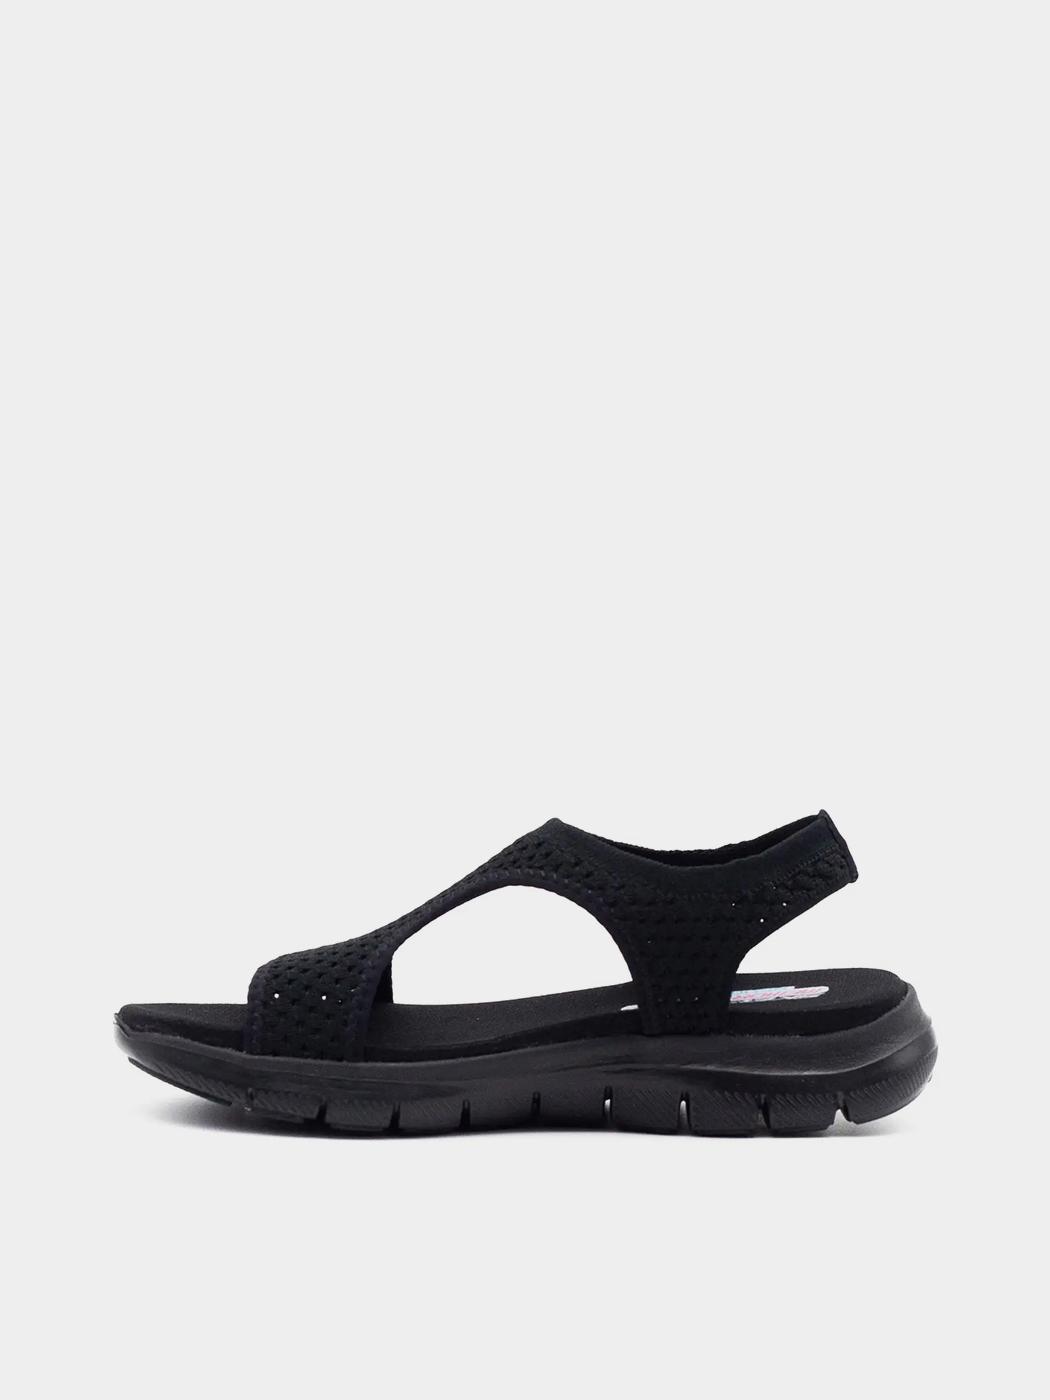 Сандалі  для жінок Skechers 31674 BBK модне взуття, 2017